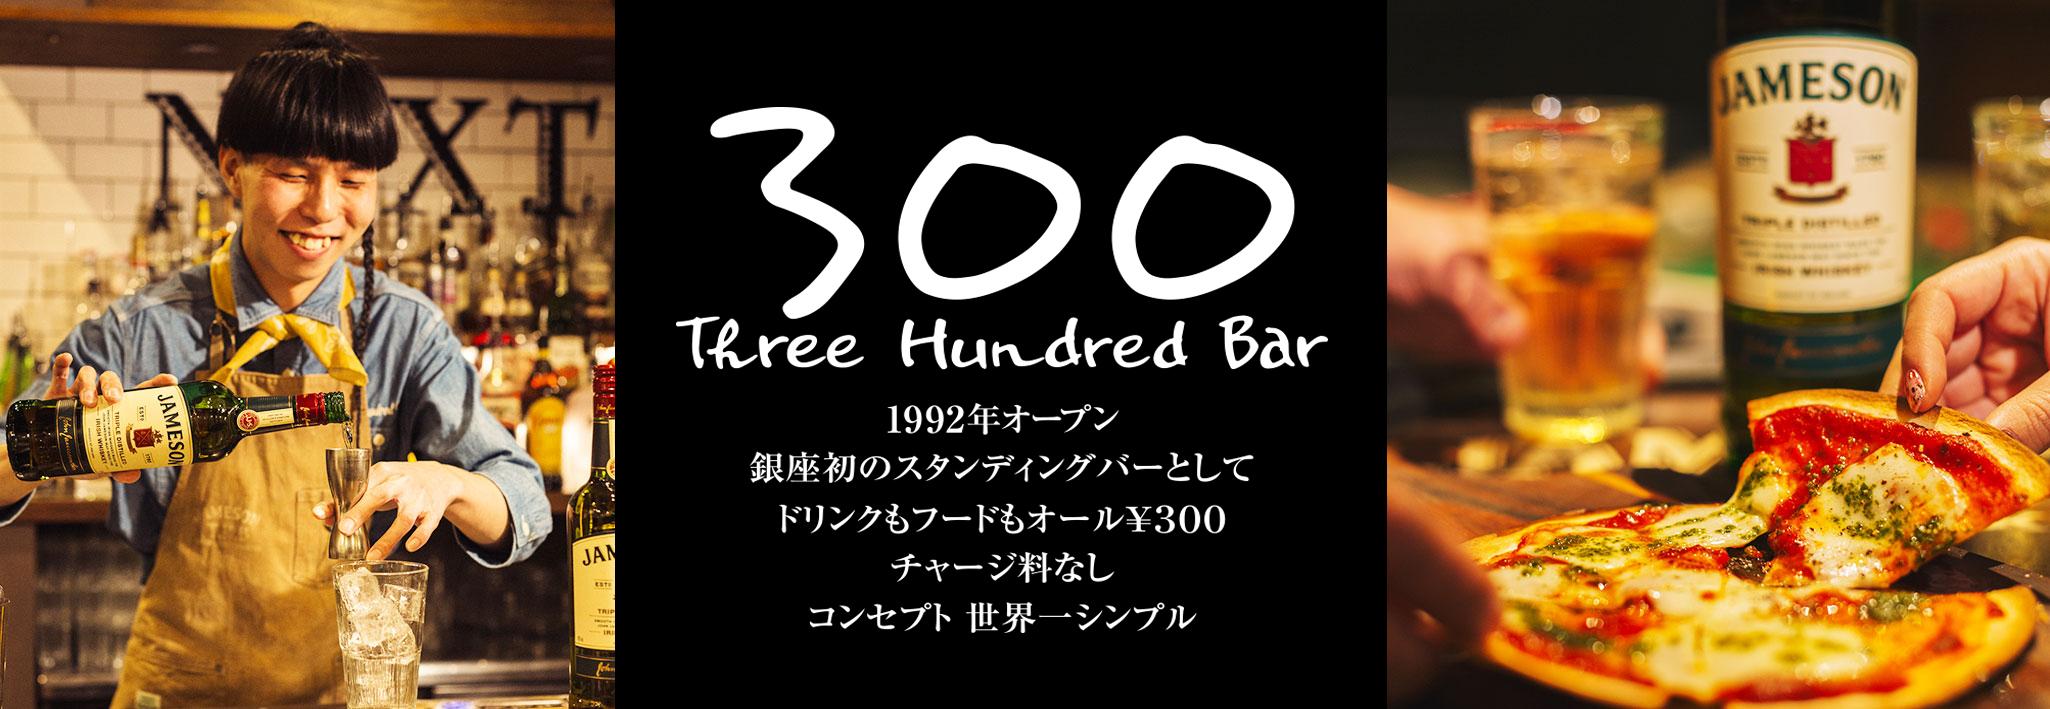 銀座300BAR,立ち飲みバー,銀座スタンディングバー